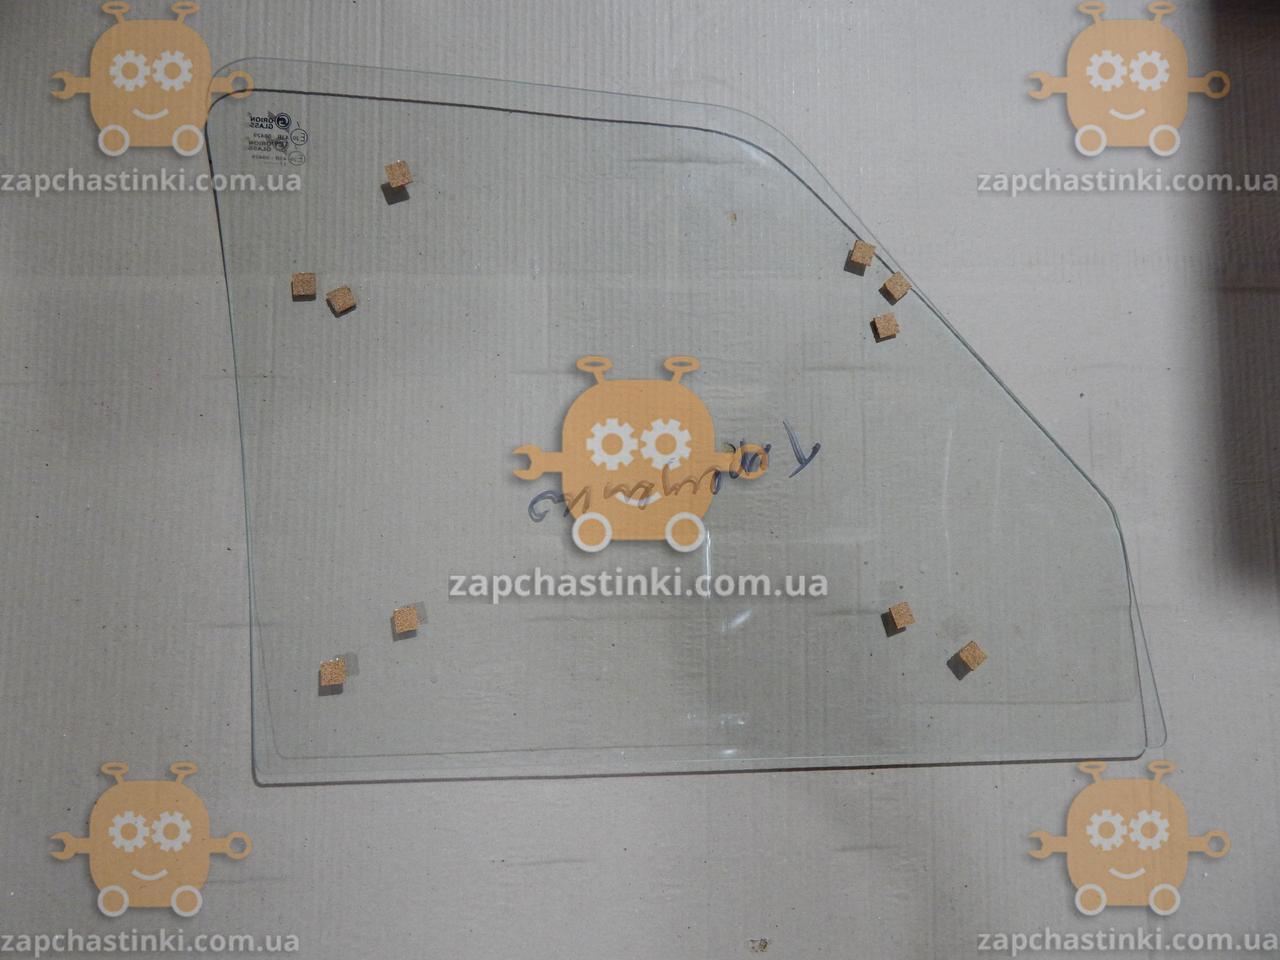 Стекло переднее опускное Славута левое (пр-во Orion Glass Украина) ГС 101825